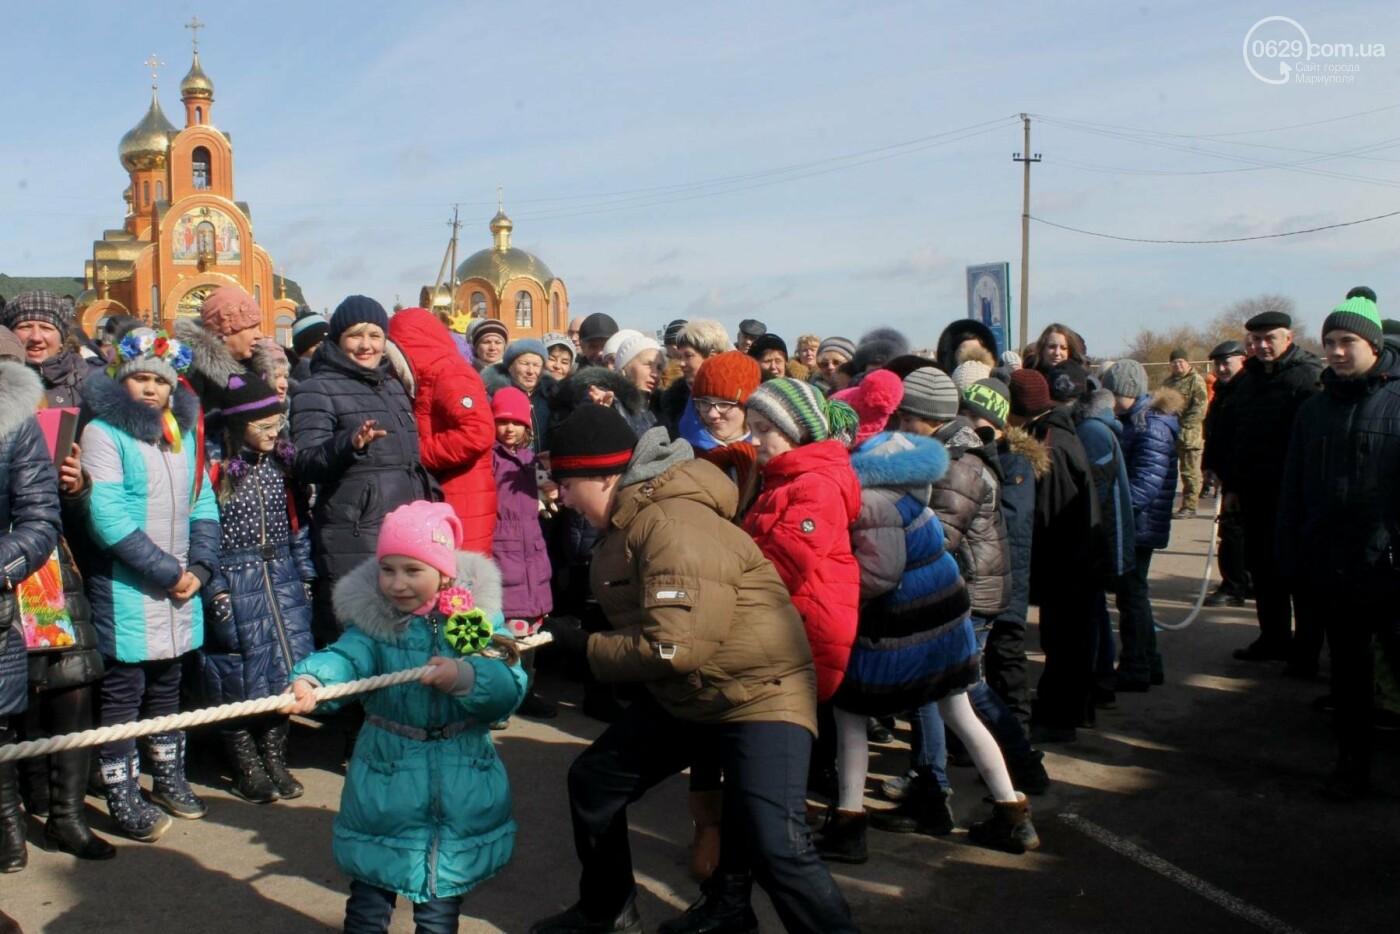 18 февраля в Боевом установят рекорд Украины по выпеканию блинов. Приглашаем на масштабный праздник Масленицы., фото-11